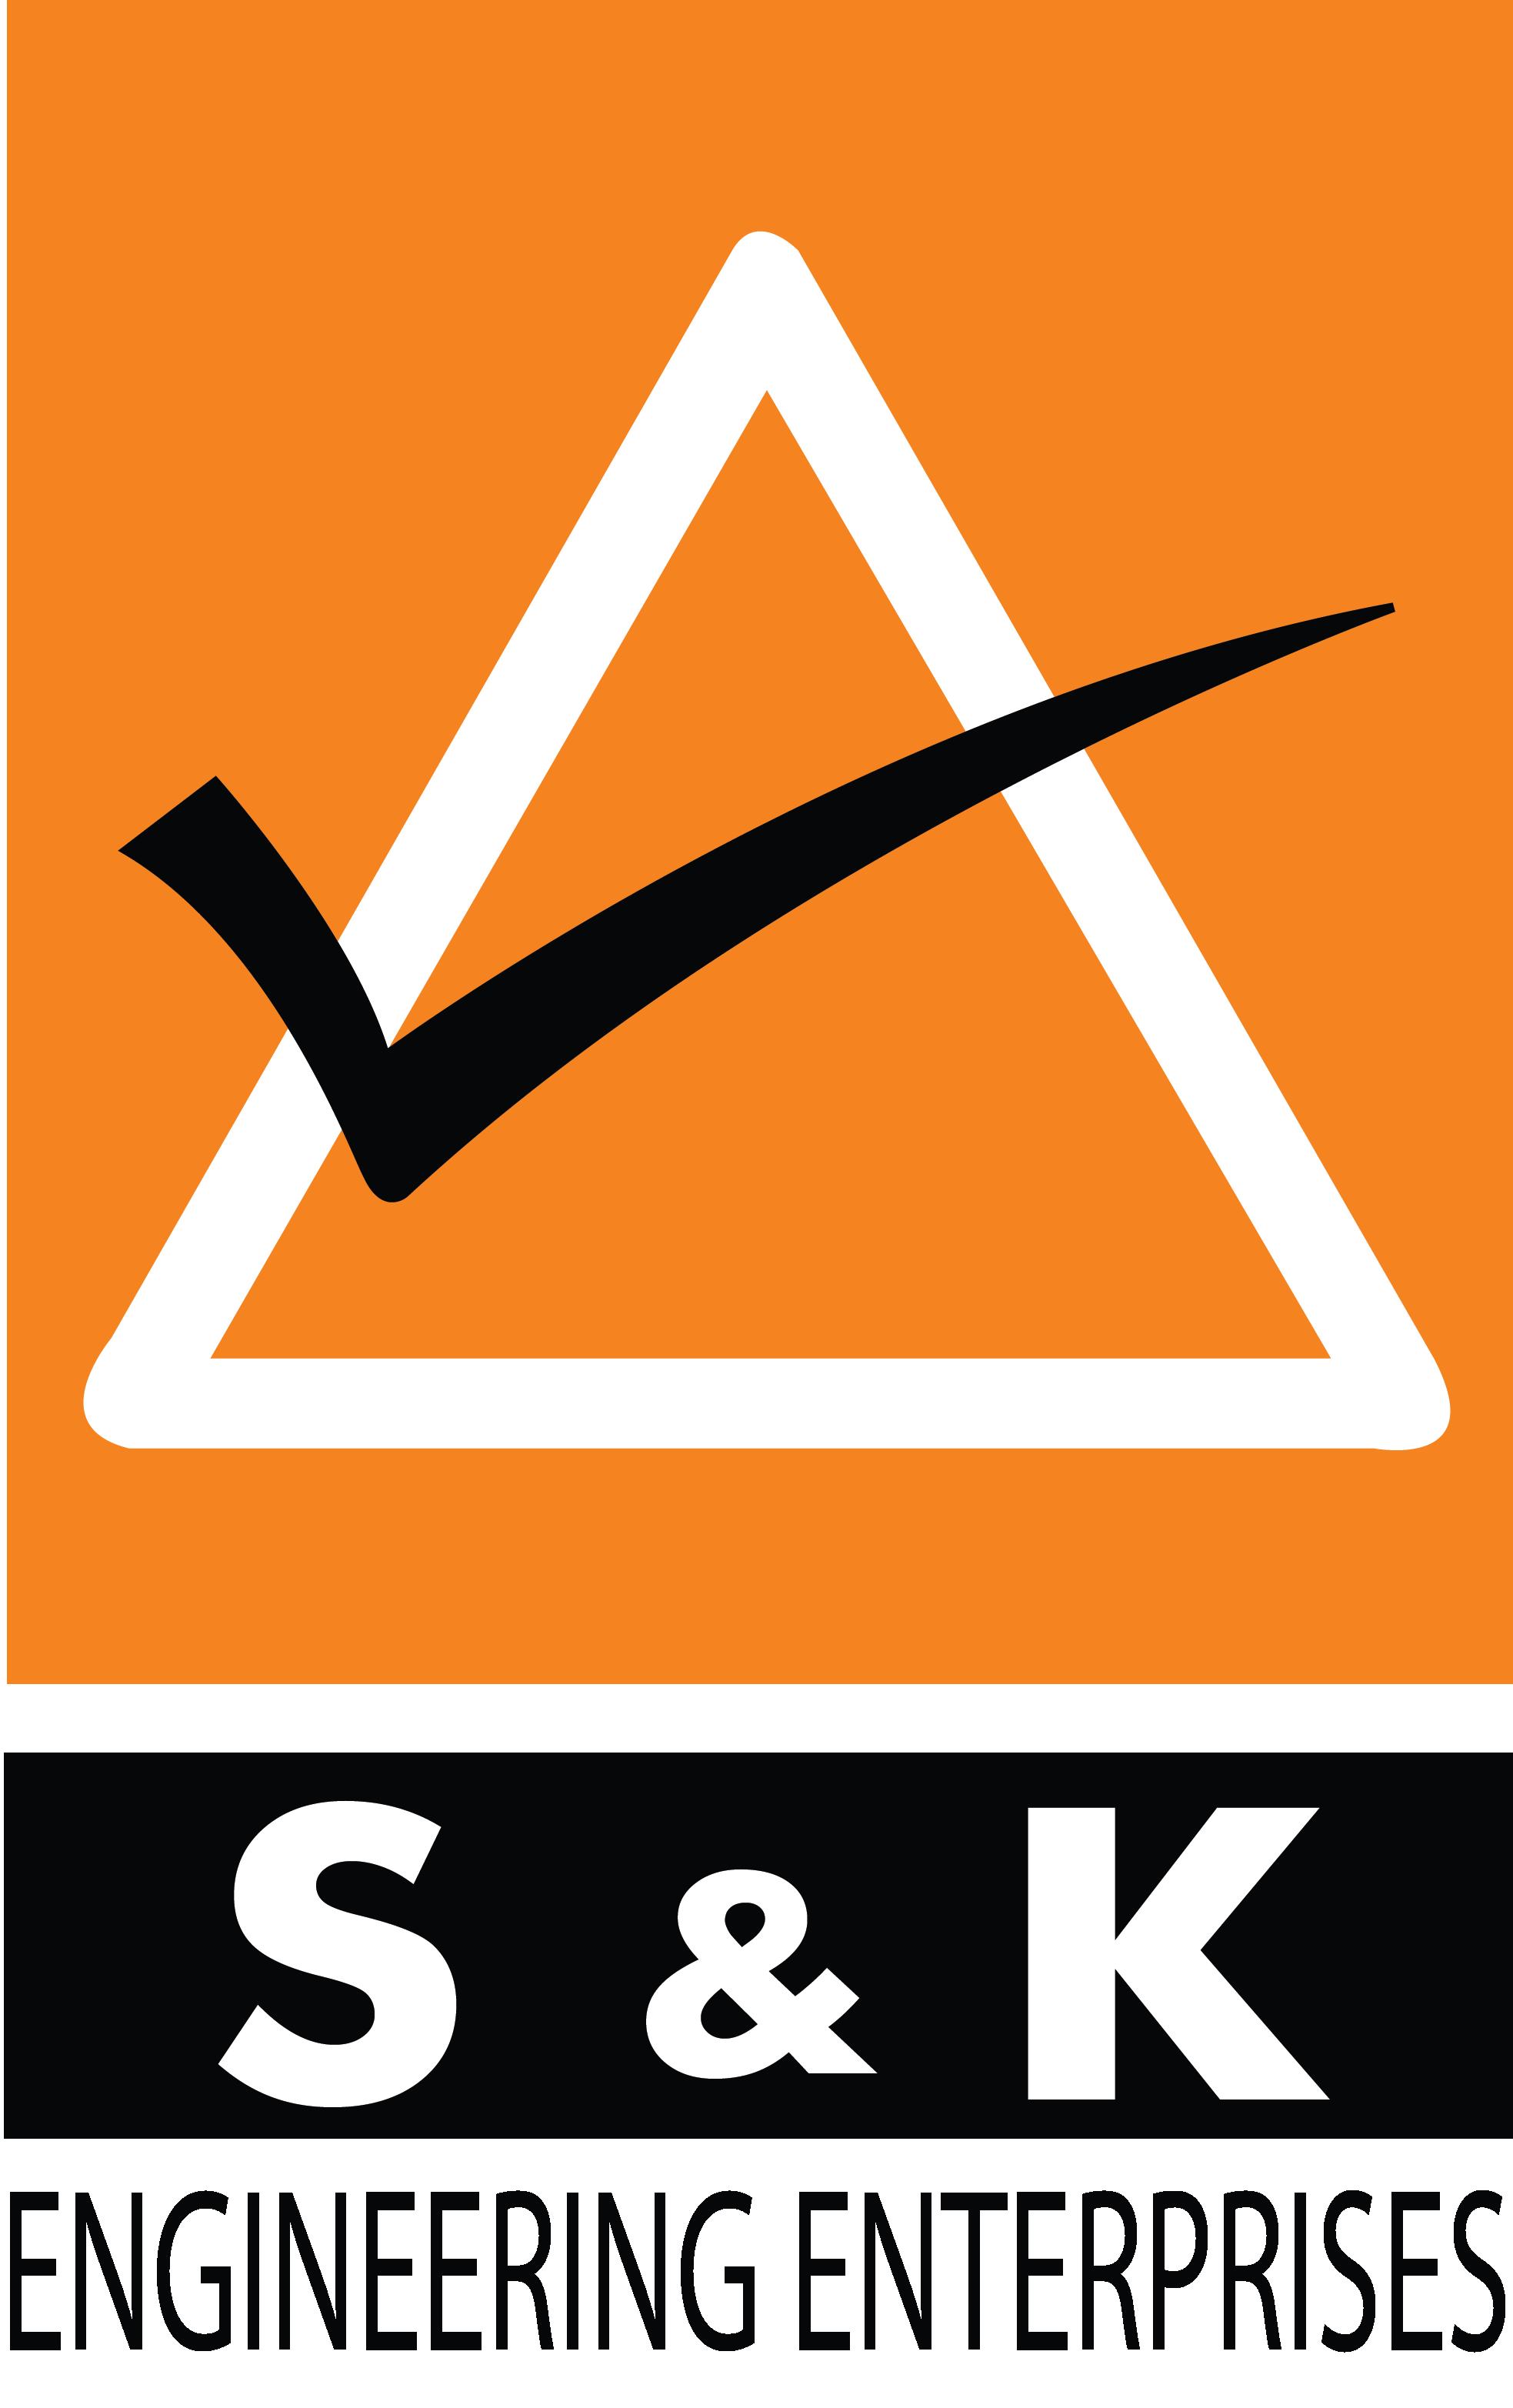 S&K Engineering Enterprises